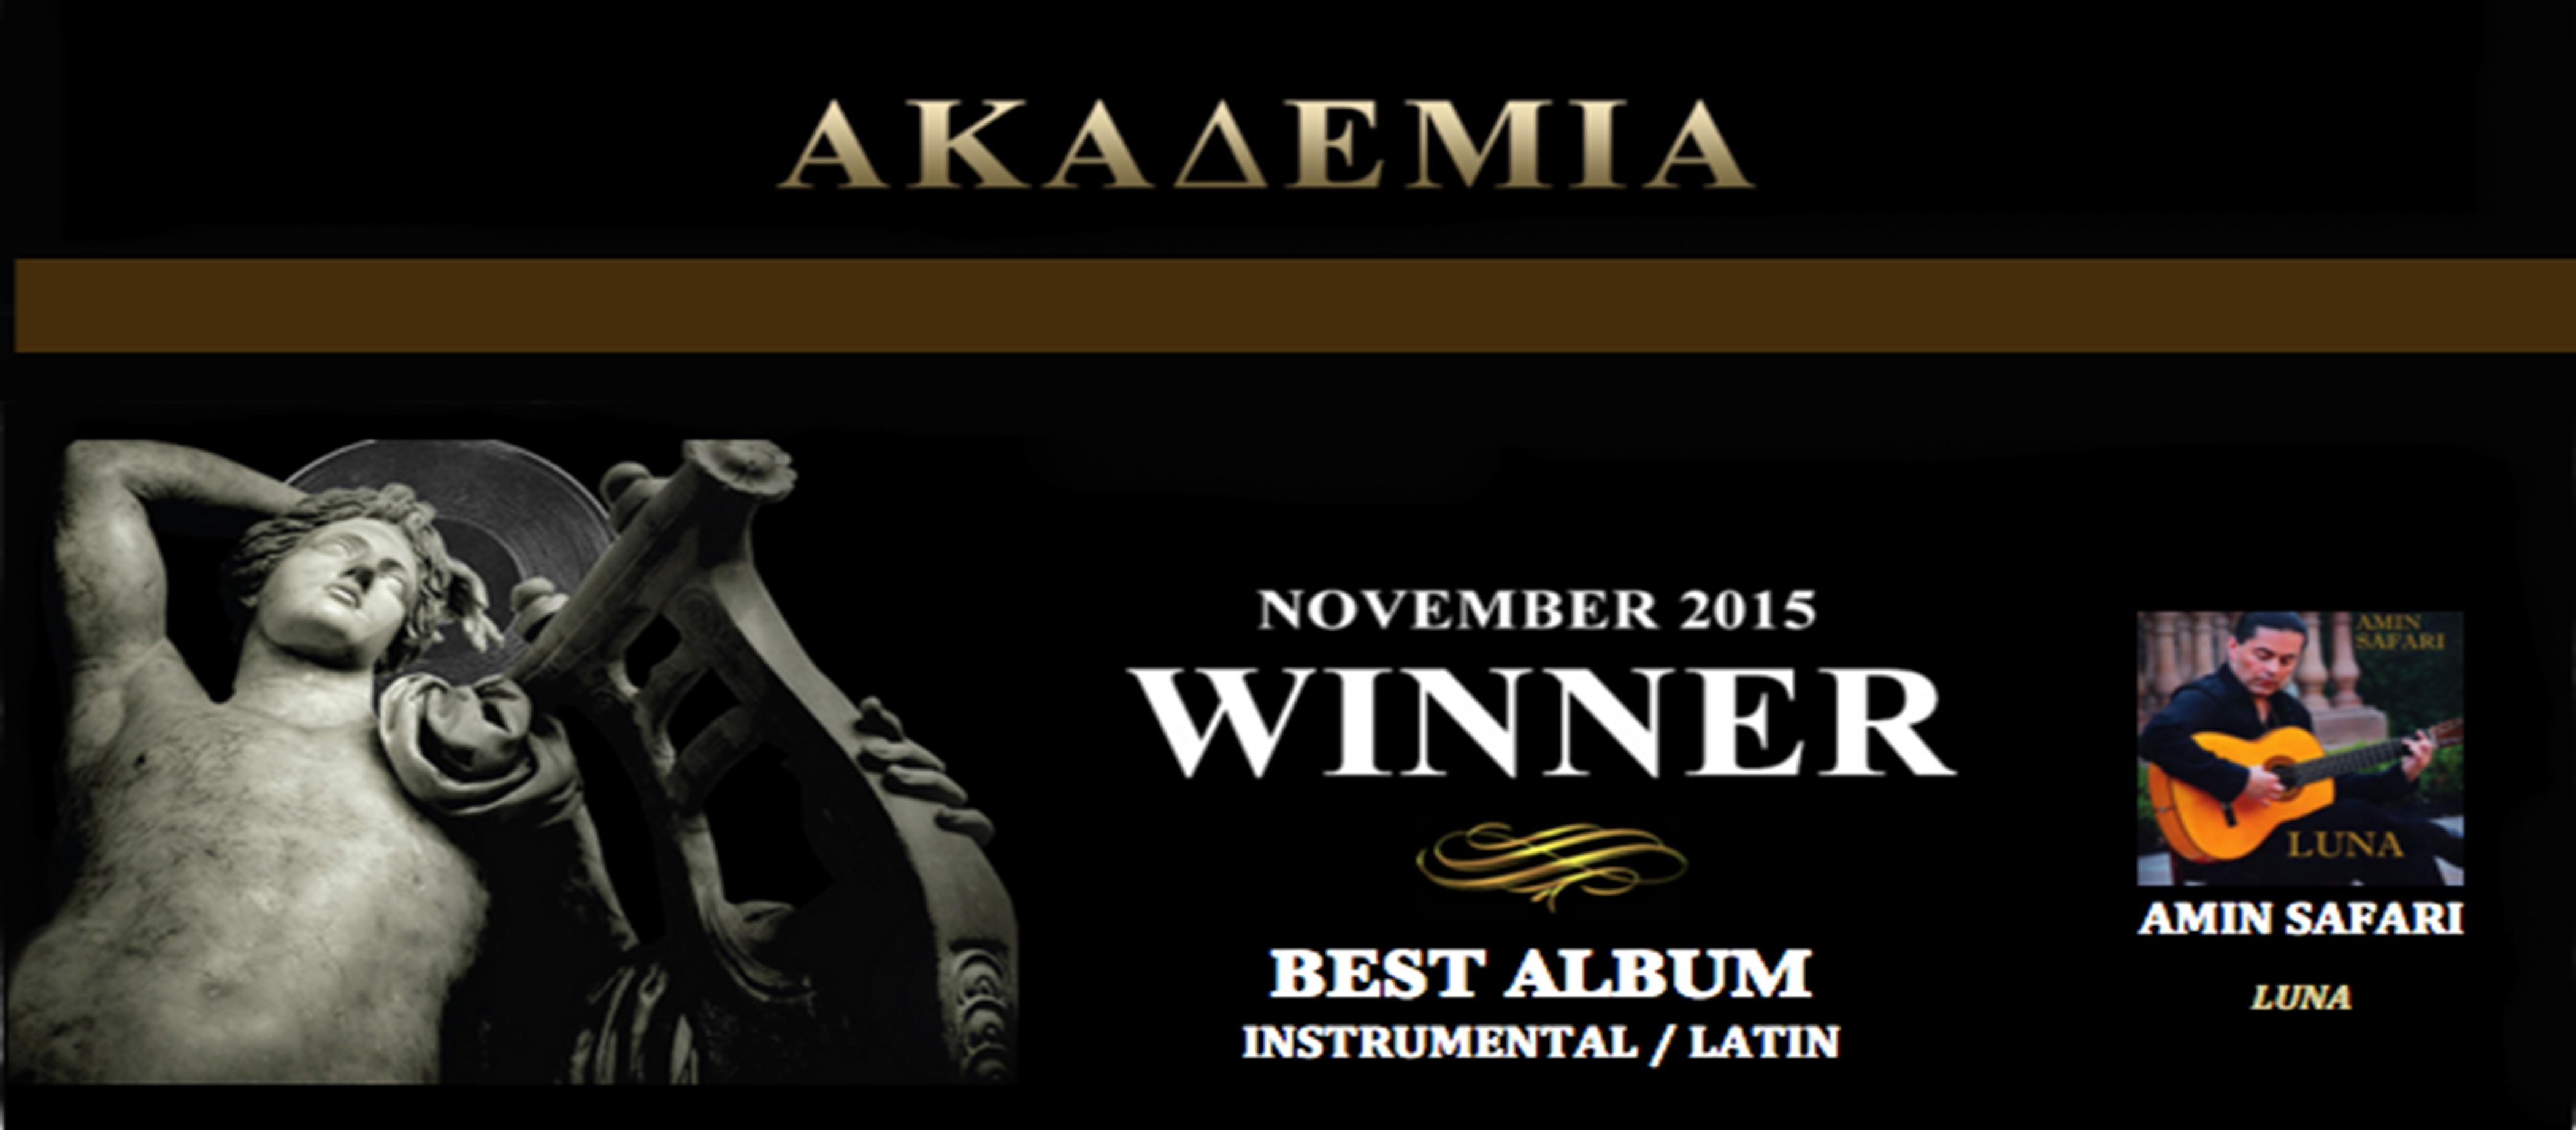 Akademia Award